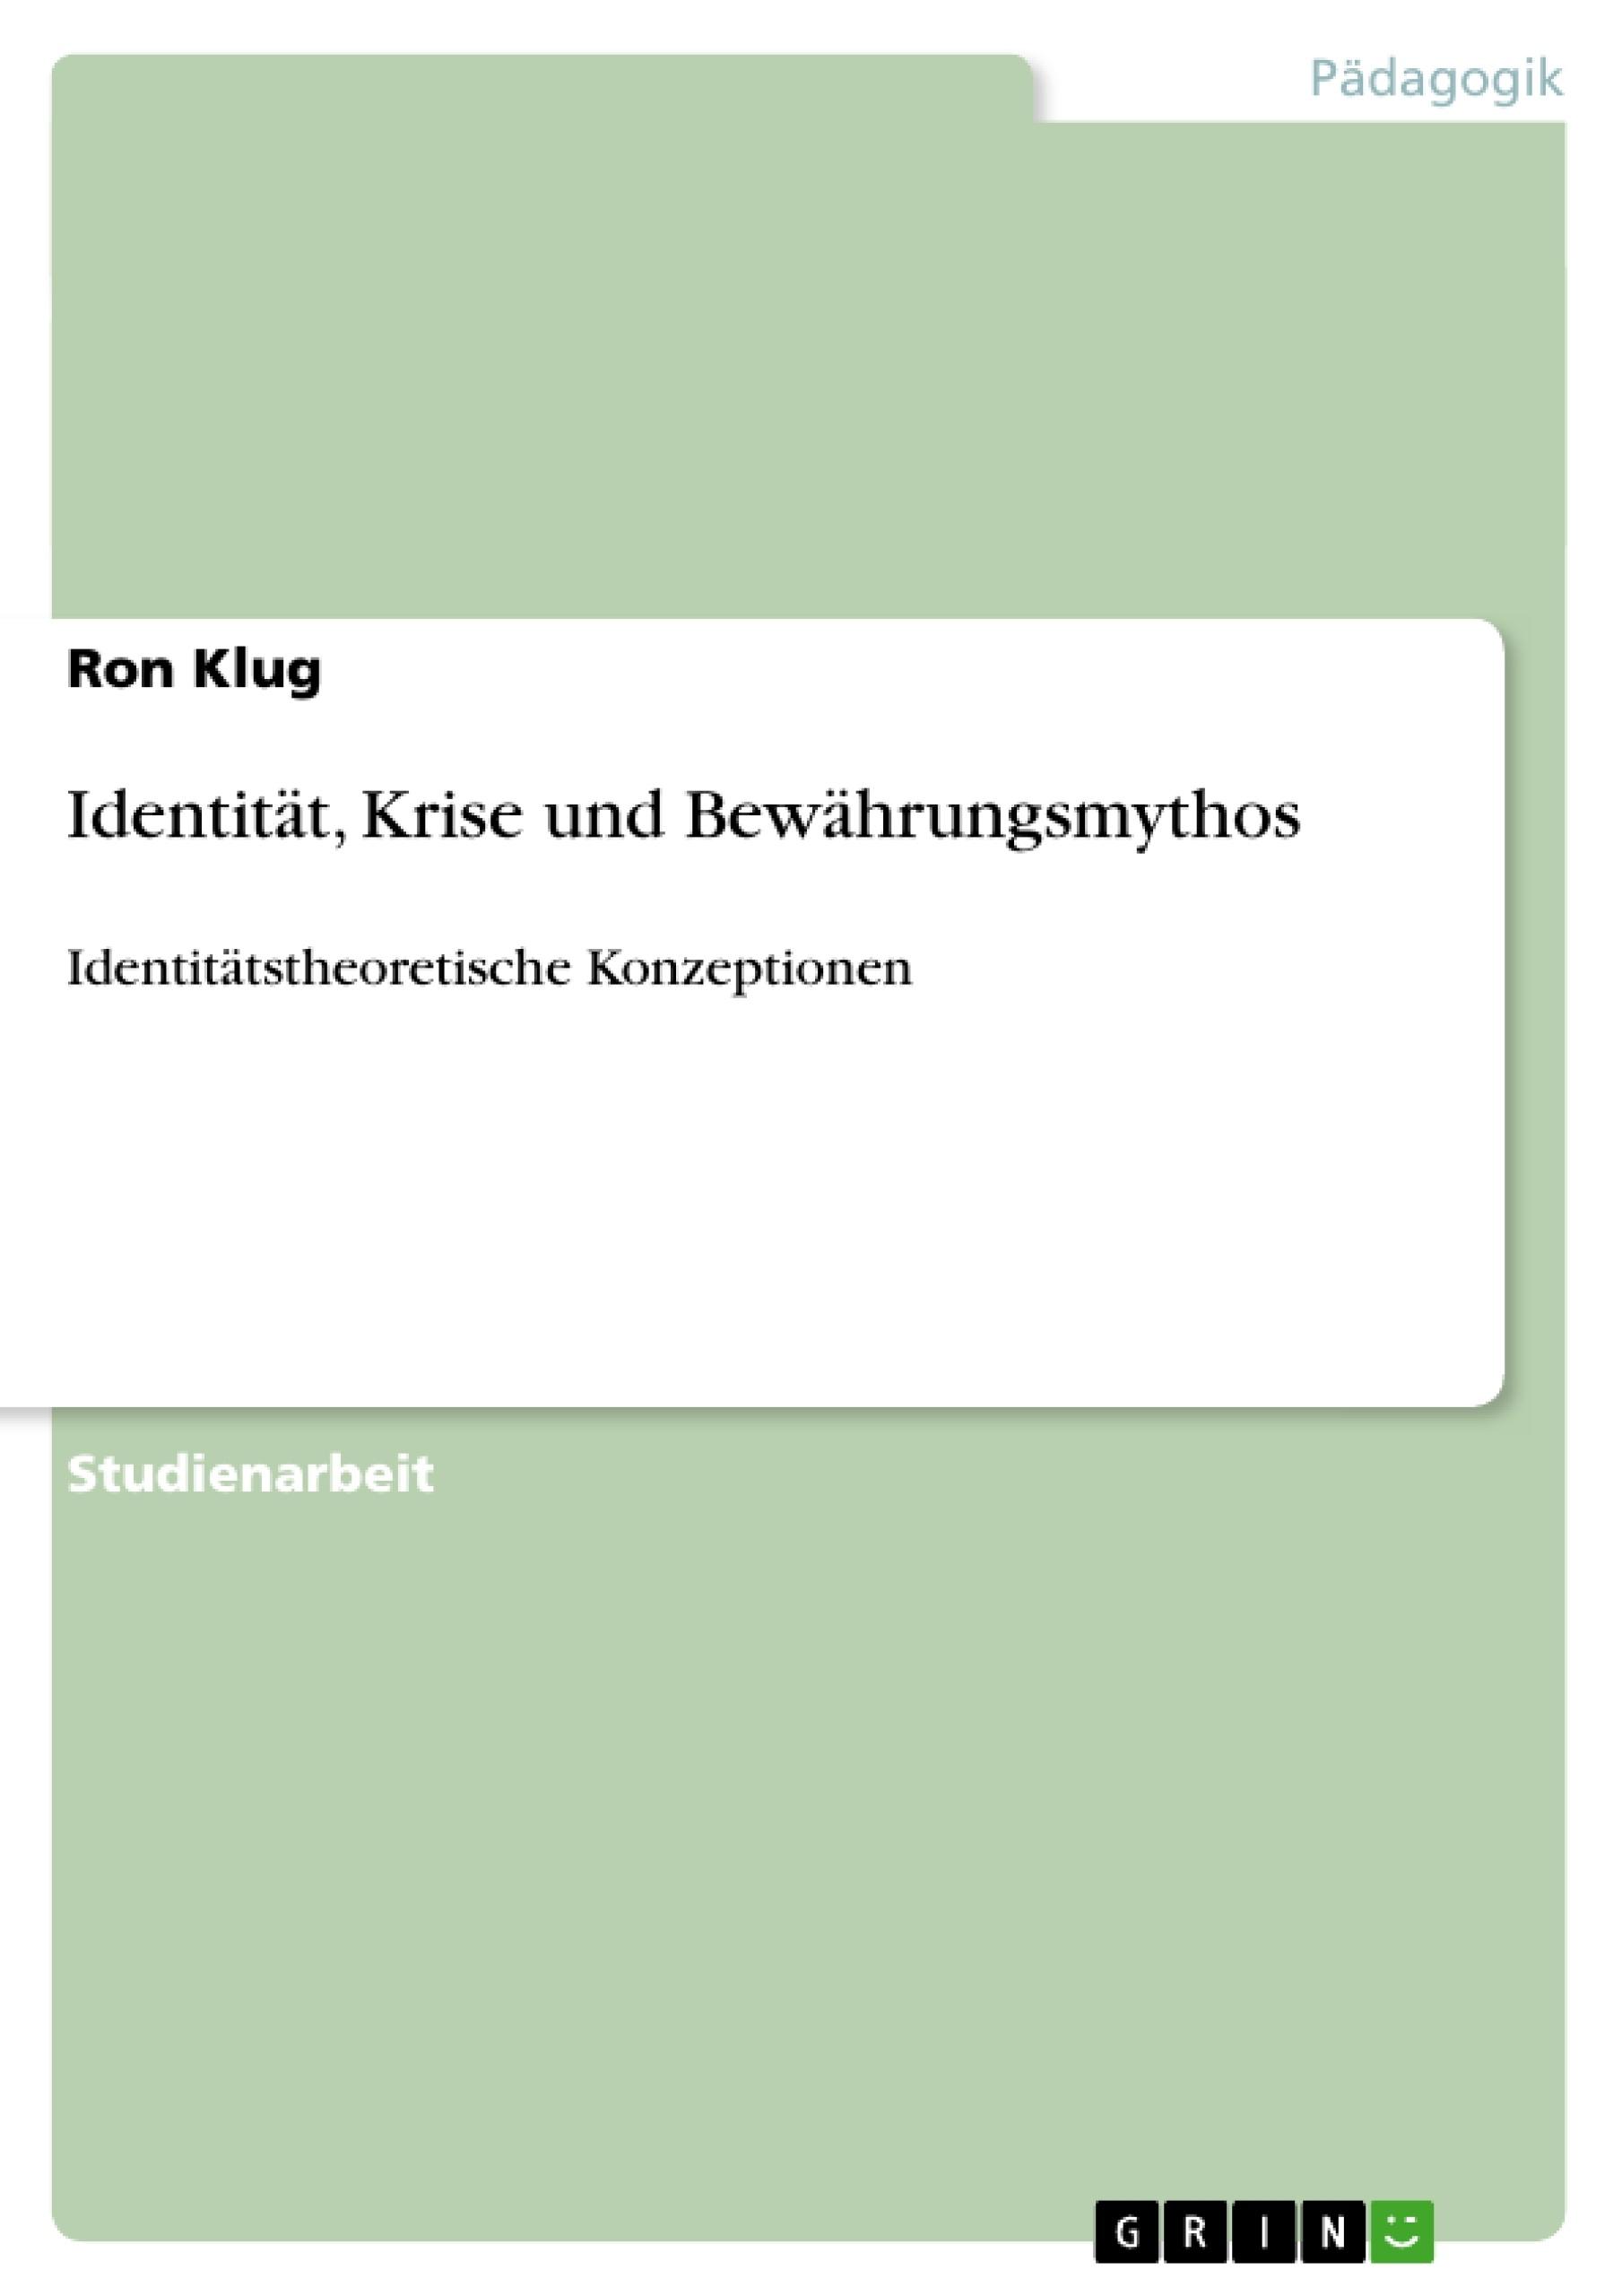 Titel: Identität, Krise und Bewährungsmythos